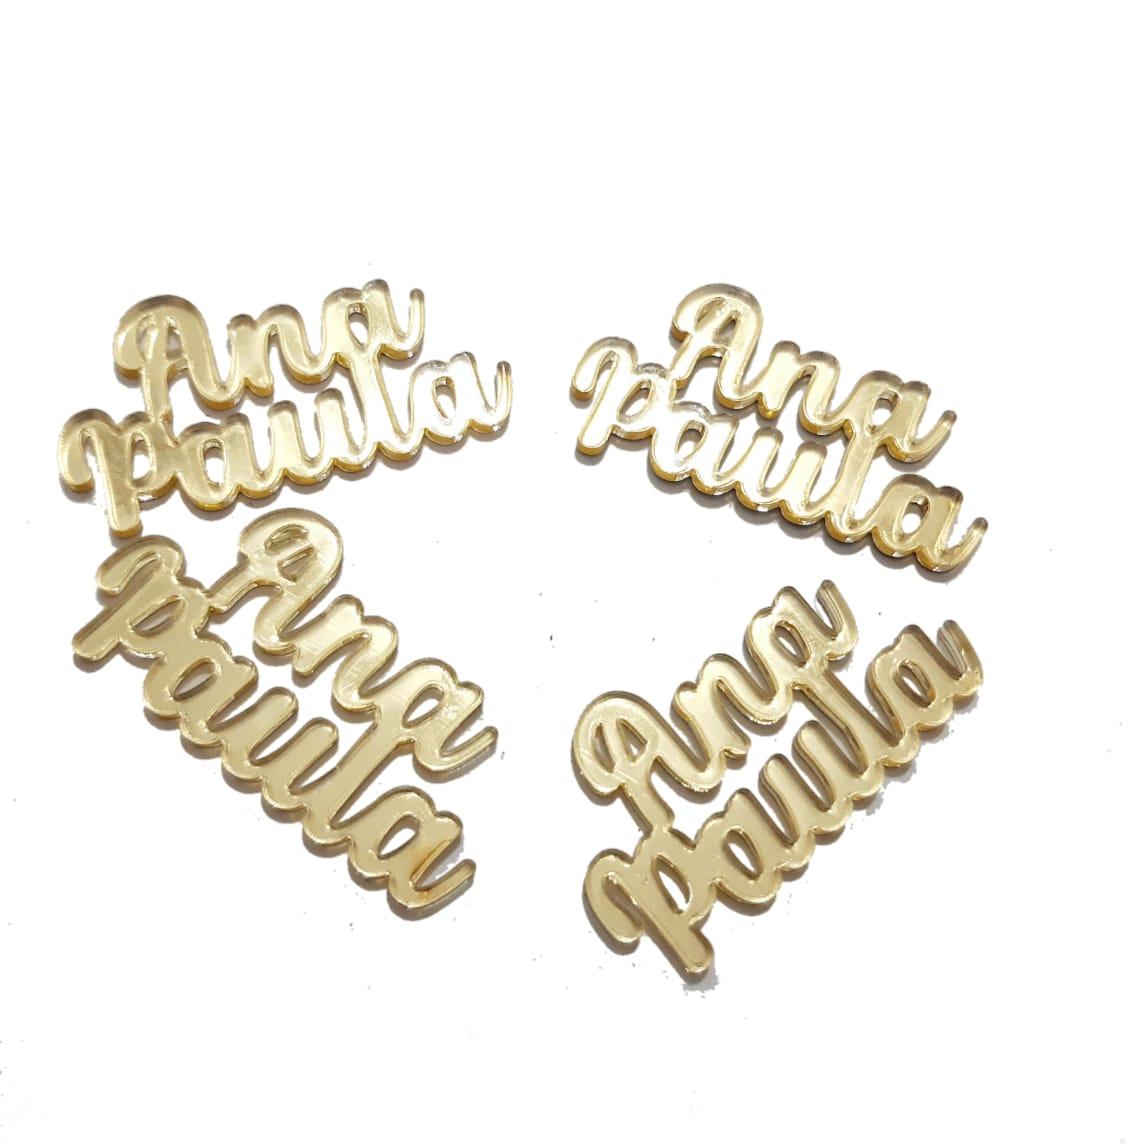 Nome Composto em Acrilico Dourado Espelhado - Ana Paula